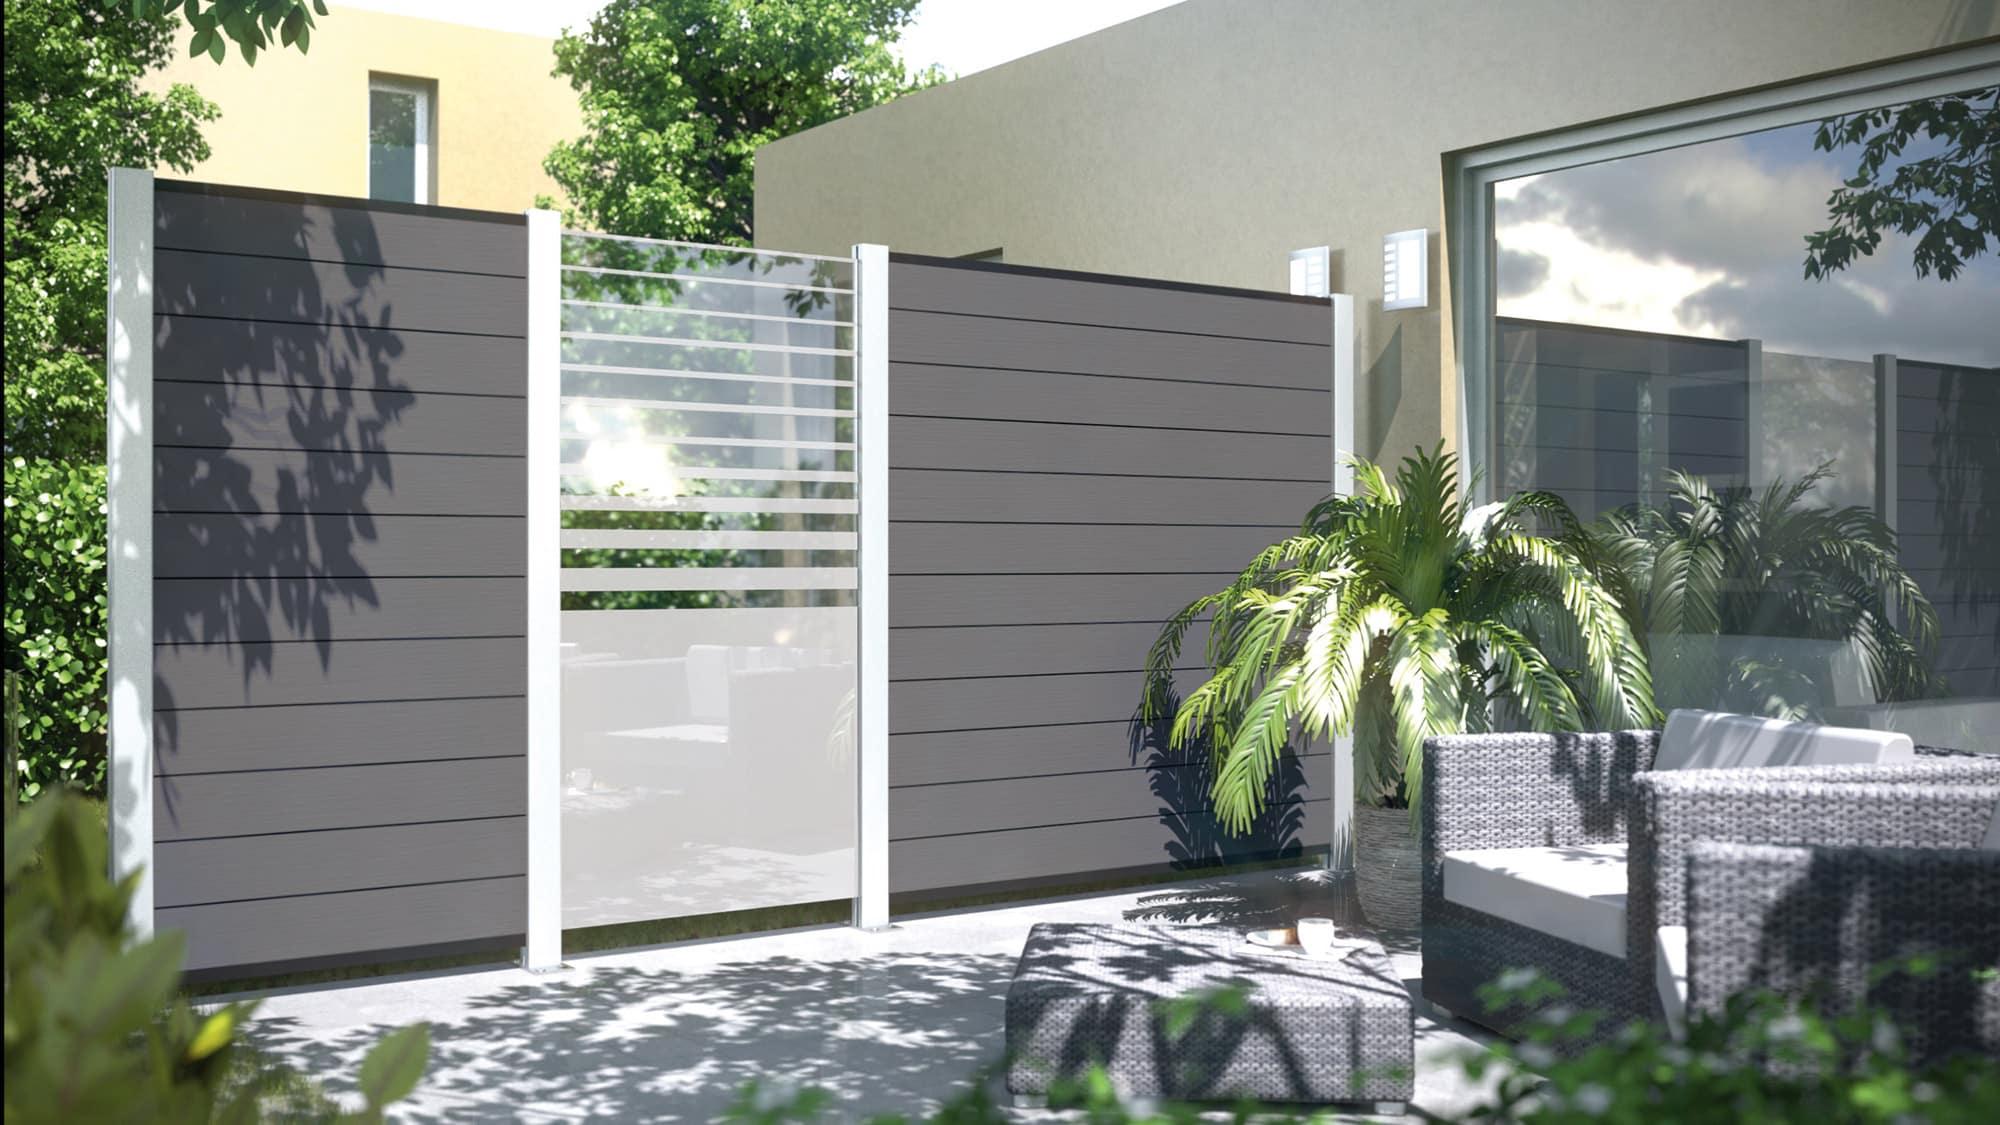 Gartenzaun Sichtschutz Kunststoff – siddhimindfo